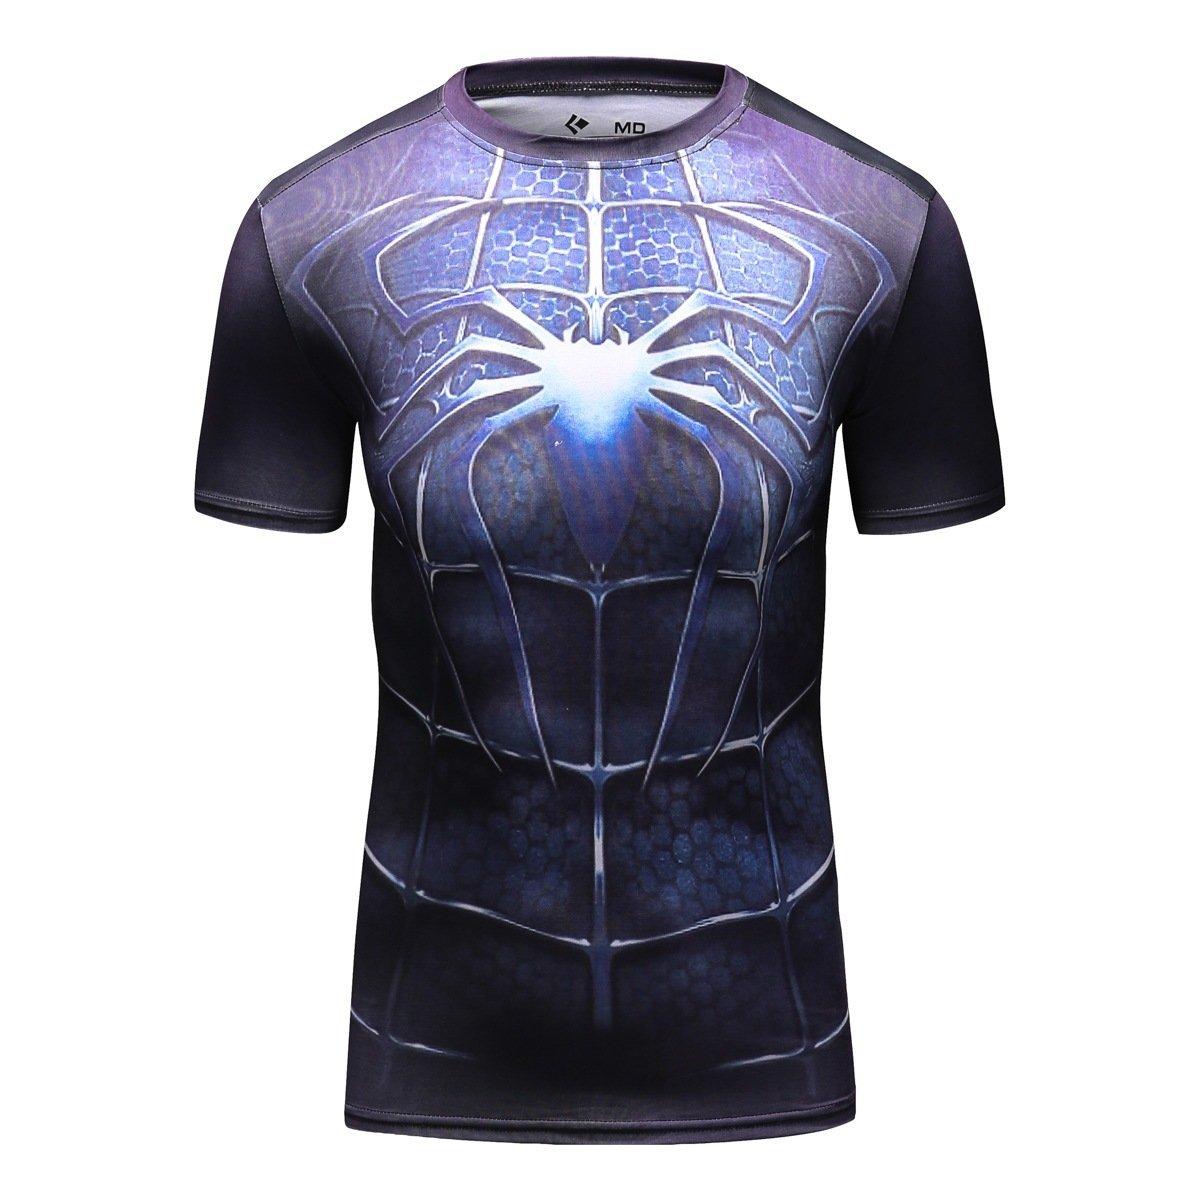 Image of Cody Lundin Men's Compression Rash Guard Dark Spider Hero